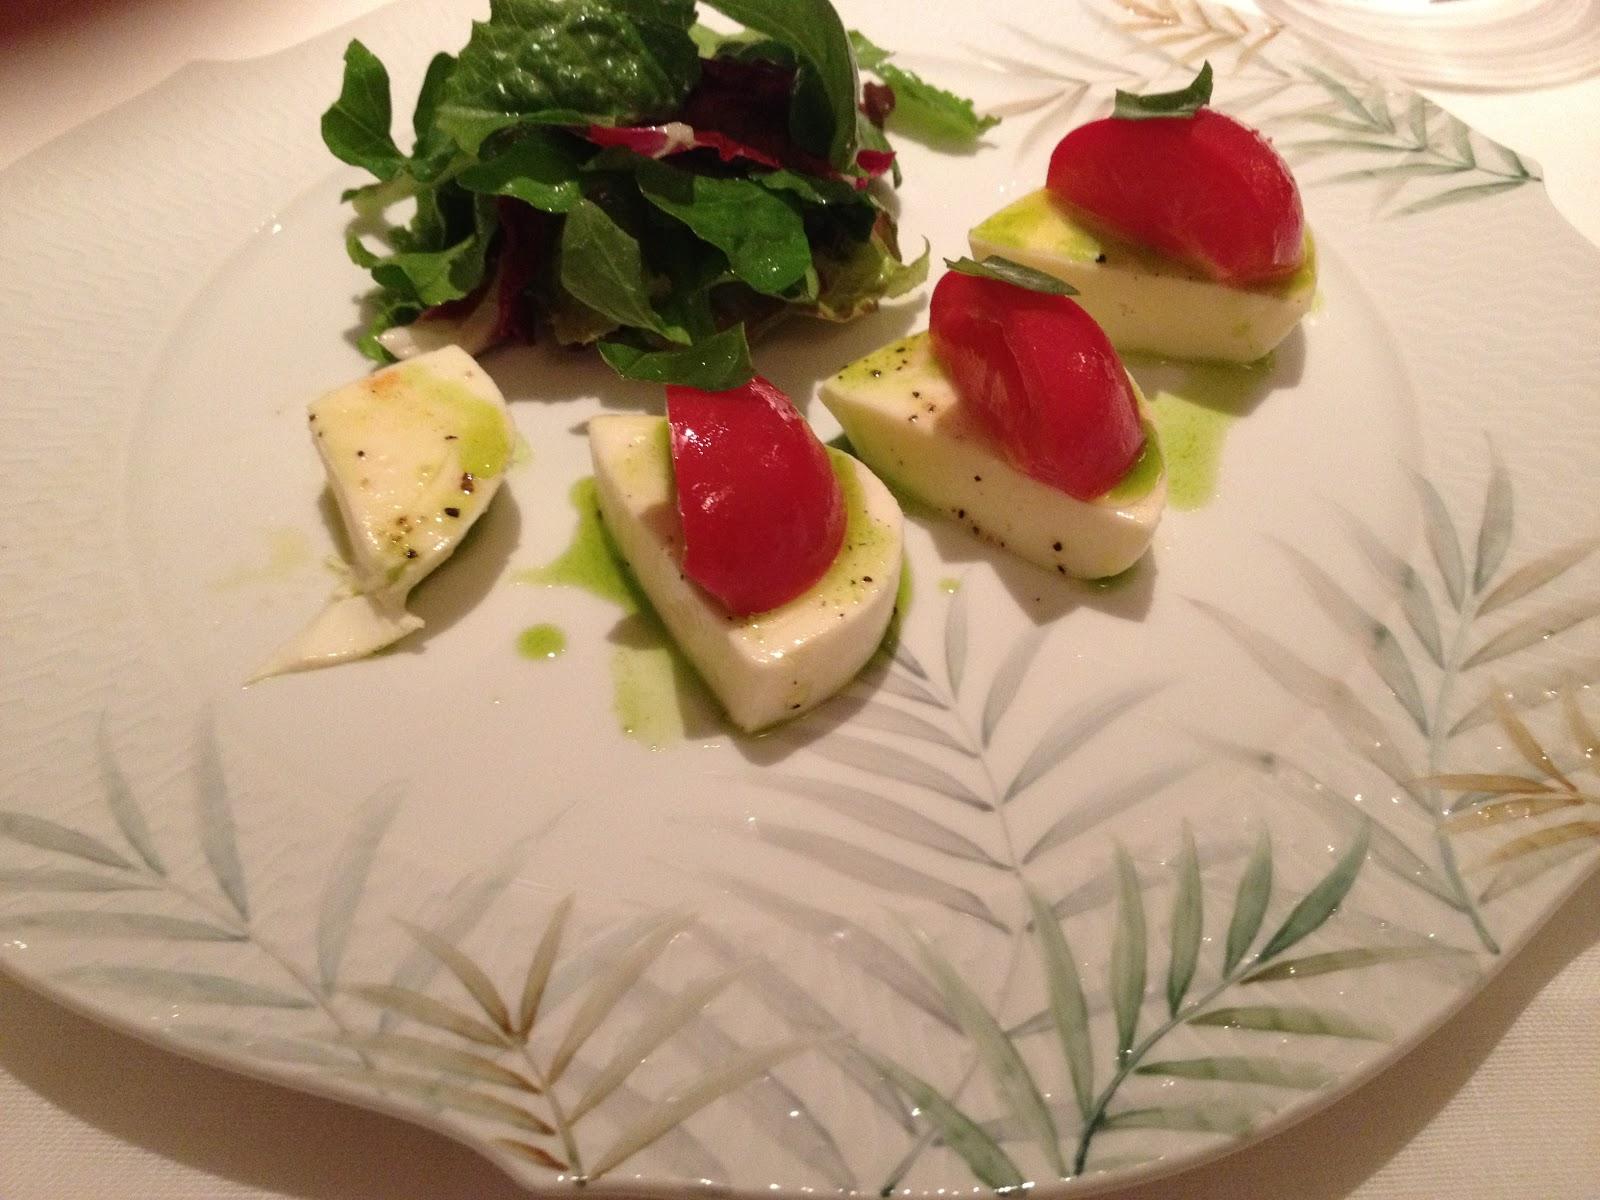 濱崎シェフが出演したNHKの朝イチの番組にお皿がでましたお料理のレシピが載ったページがNHKのホームページにありますので見てください